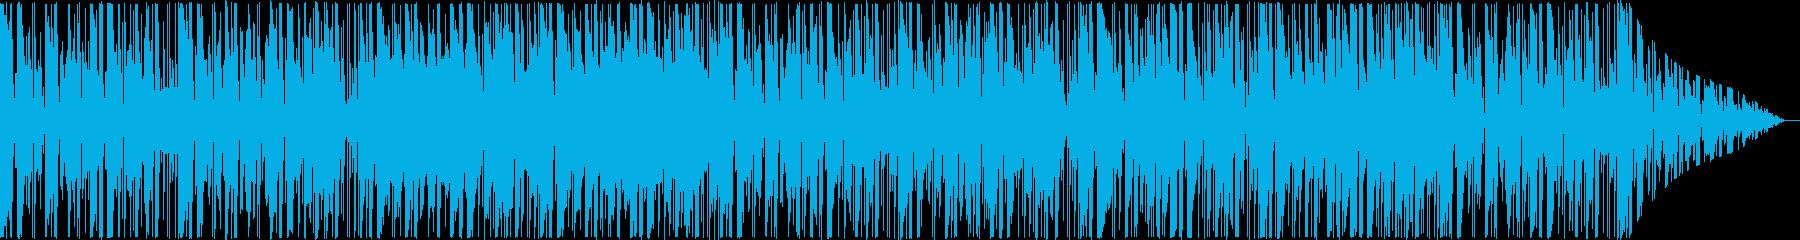 定番曲:のどかな日常の再生済みの波形